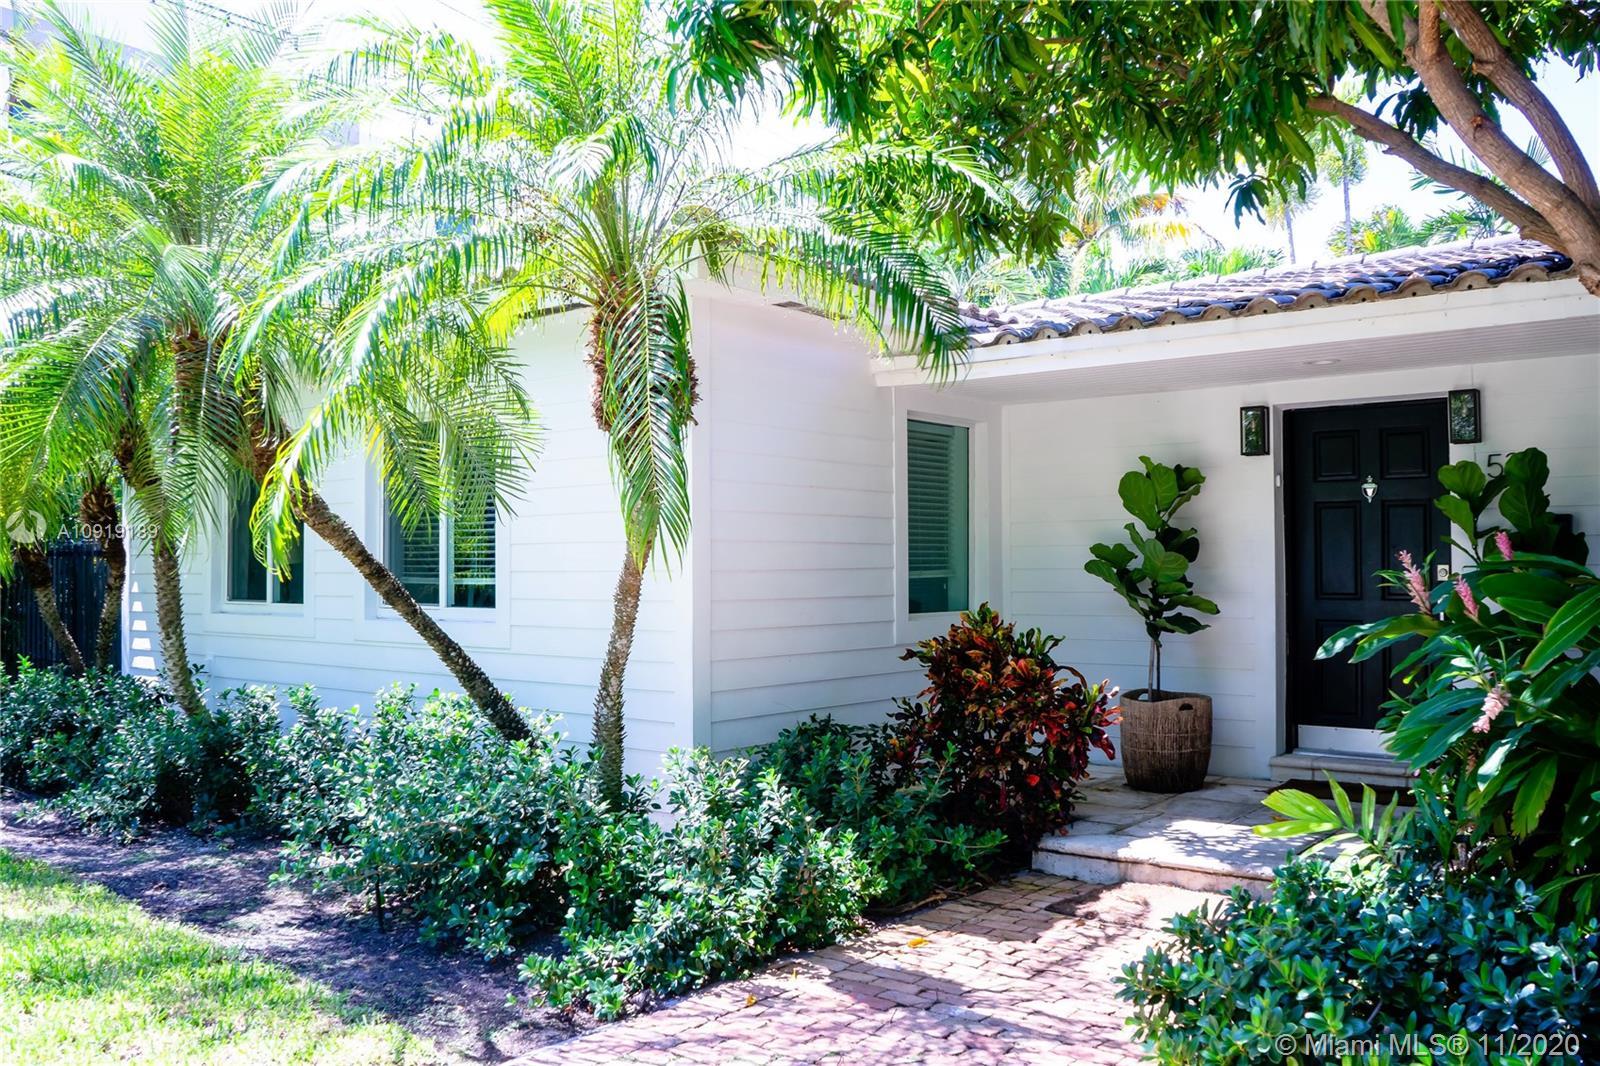 Tropical Isle Homes # photo01